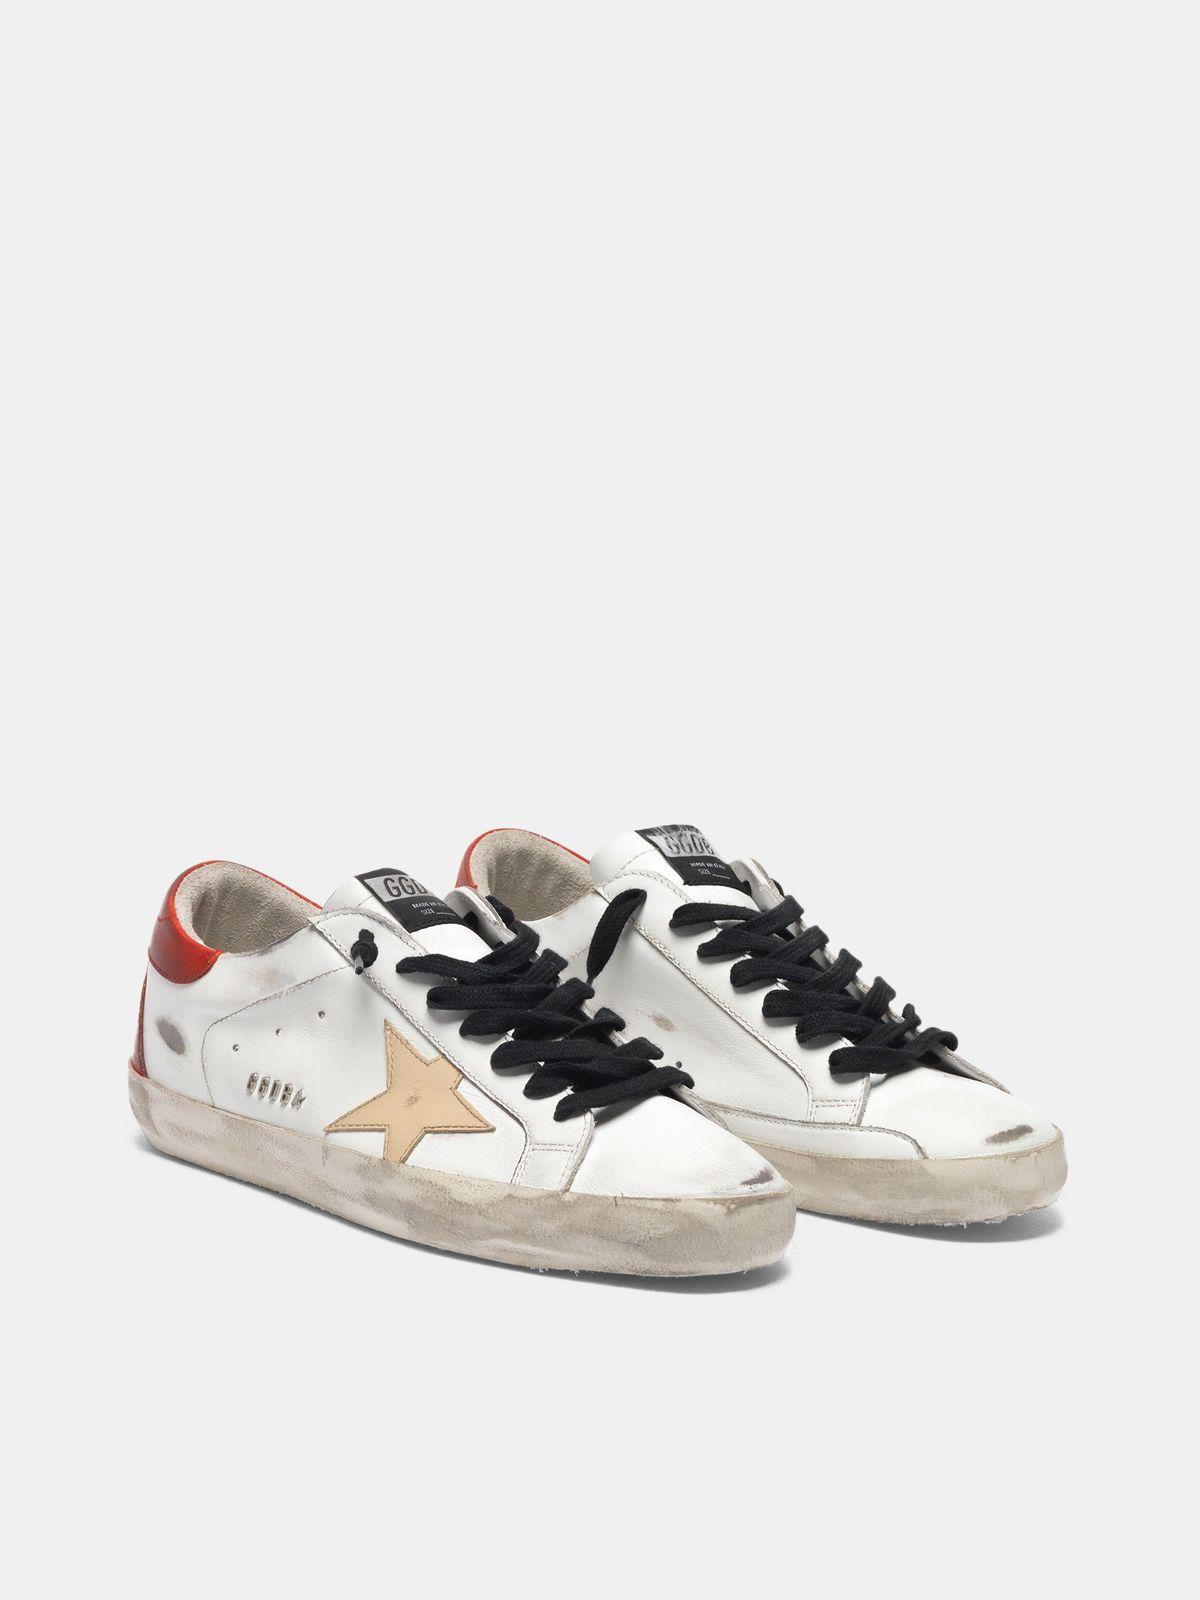 Golden Goose - Sneakers Super-Star bianche con retro rosso e lacci neri in